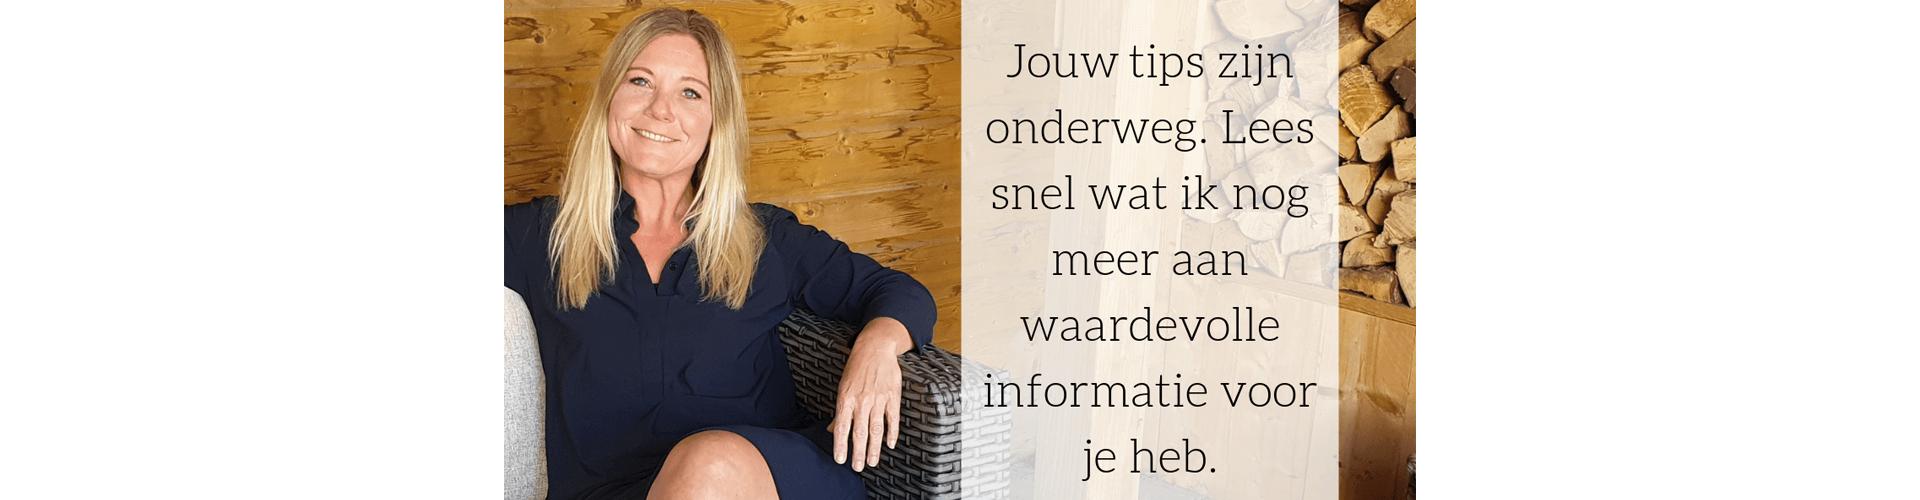 Ikkanwel.nl - Nieuwe gewoontes